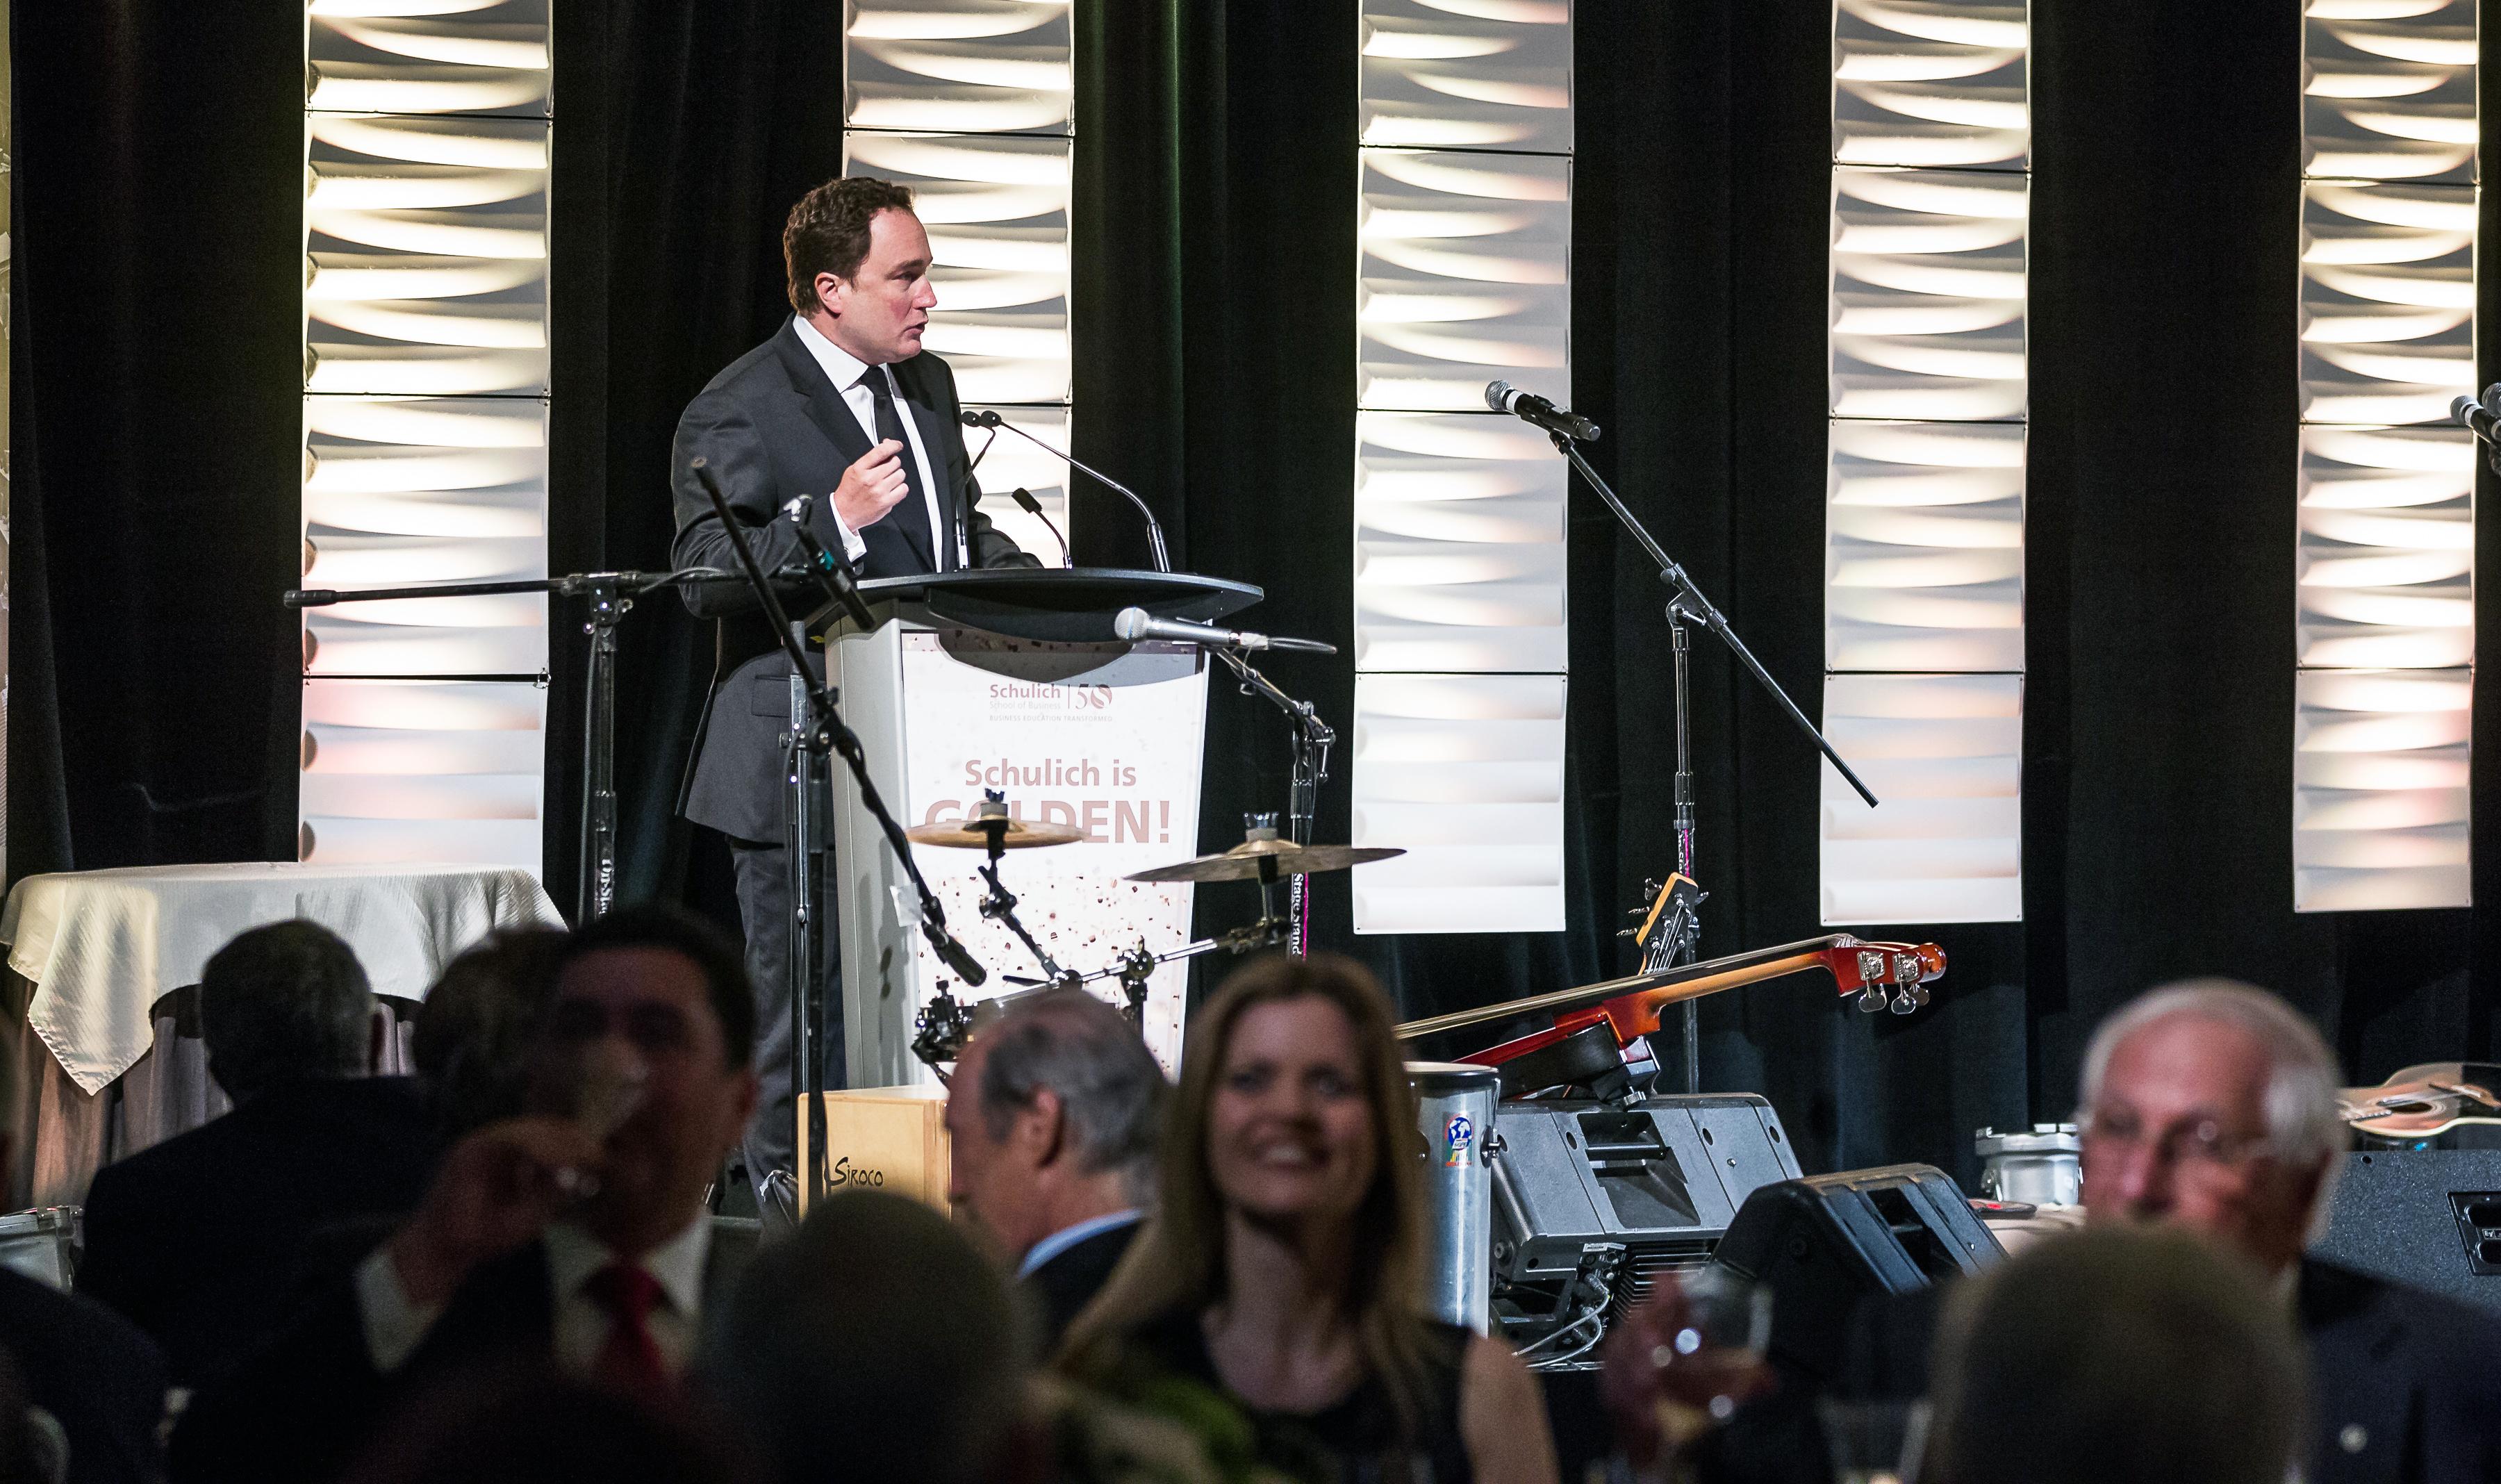 Schulich 50th Anniversary Gala. Toronto, Canada. May 27, 2016. (photo: Vito Amati)